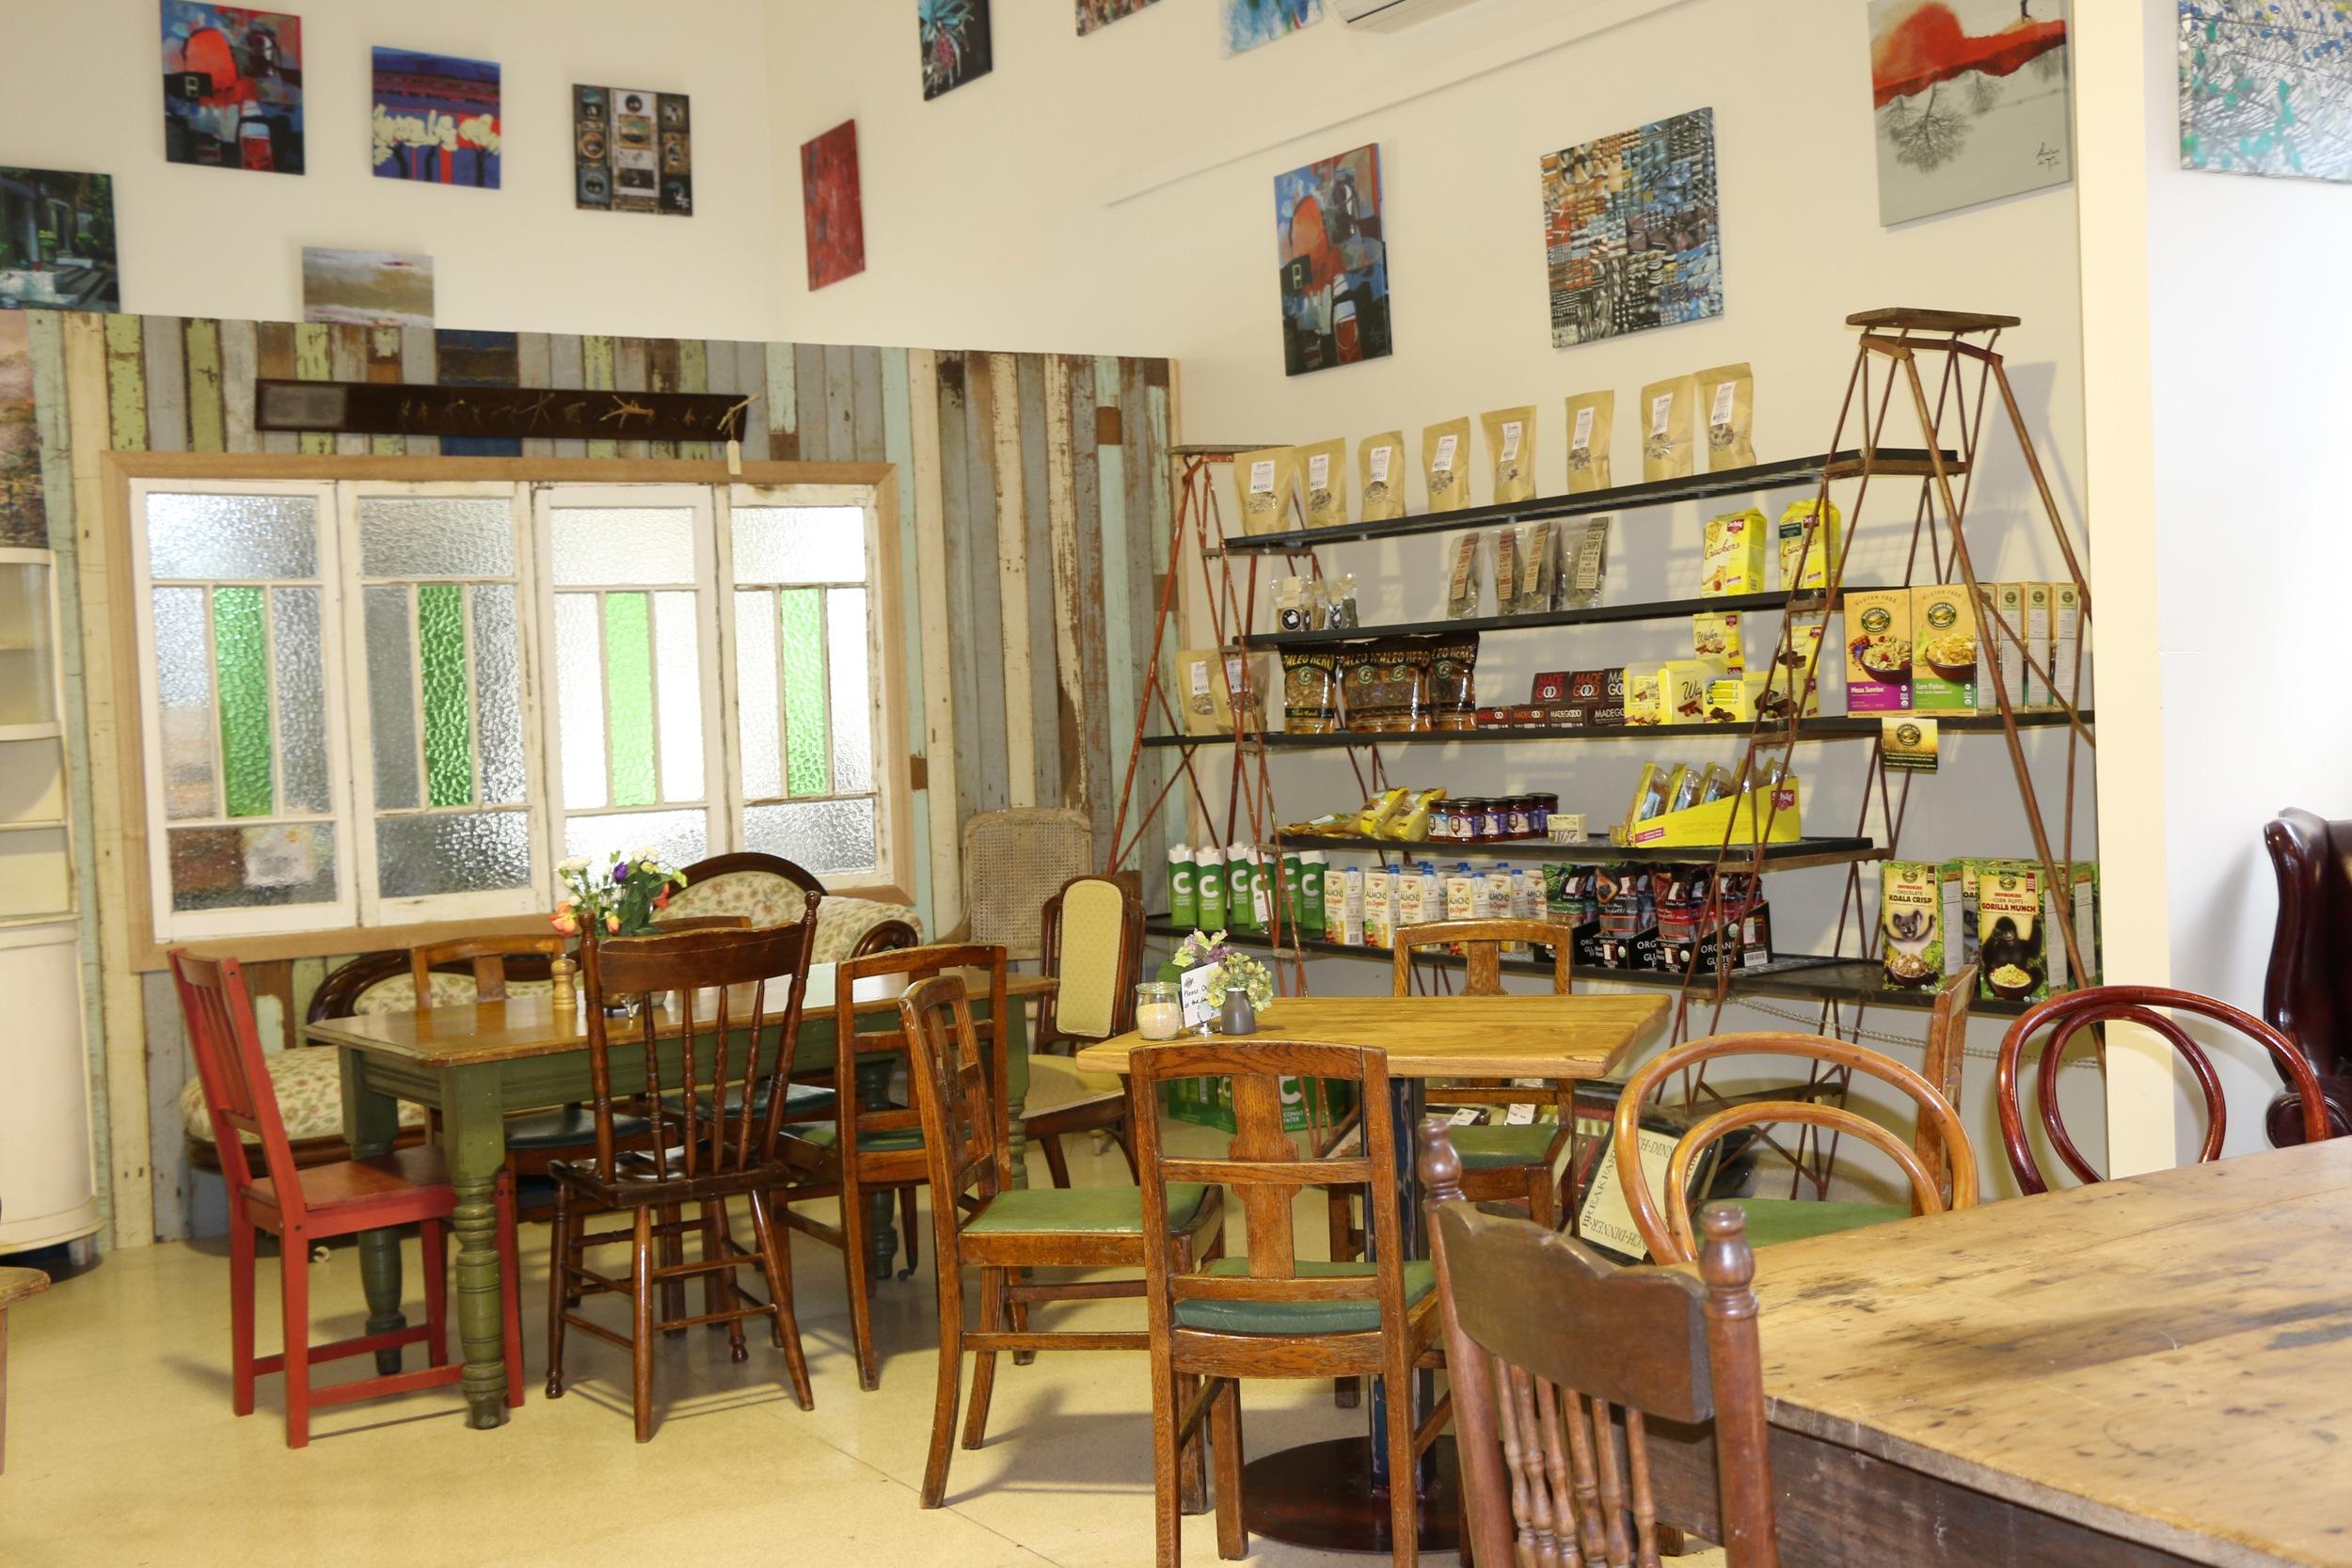 Inside Cafe.jpg